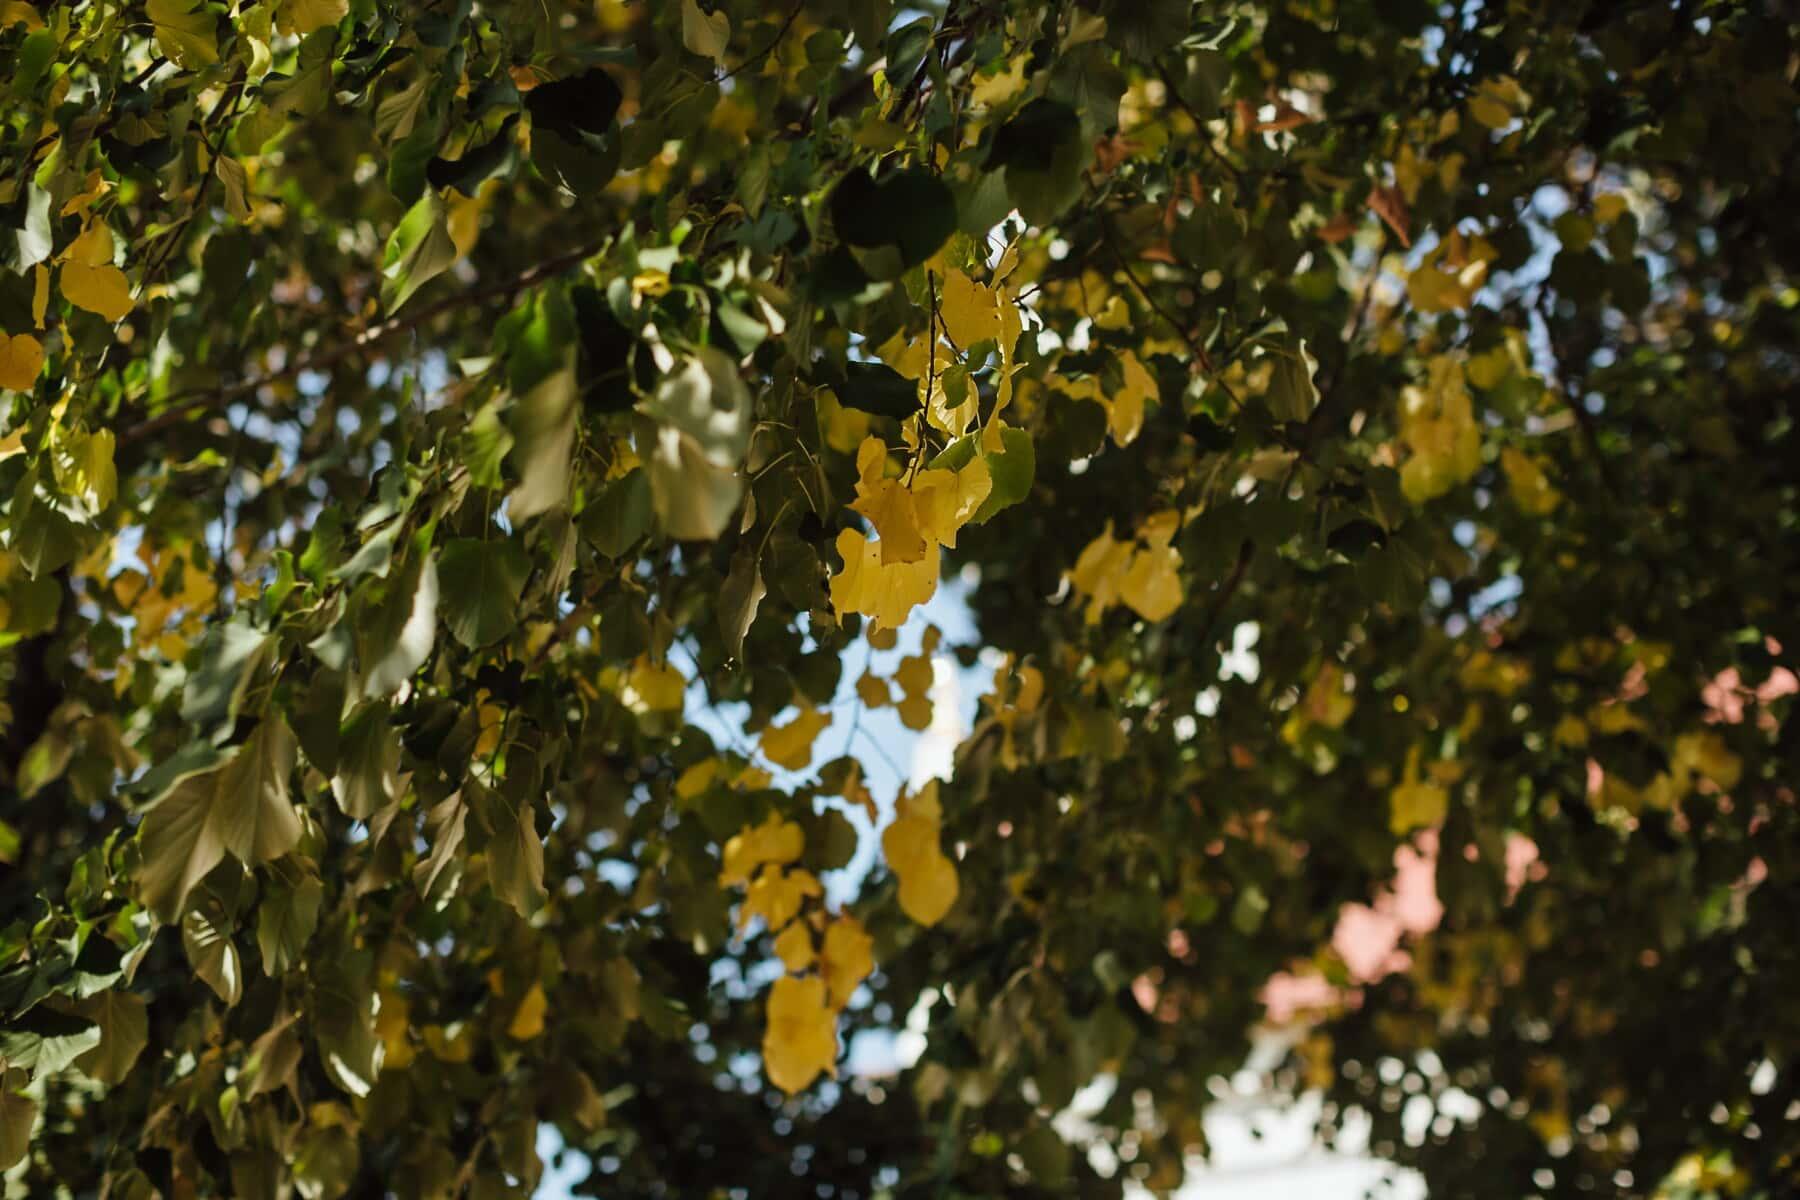 feuilles vertes, arbres, branches, peuplier, beau temps, arbre, plante, feuilles, nature, feuille